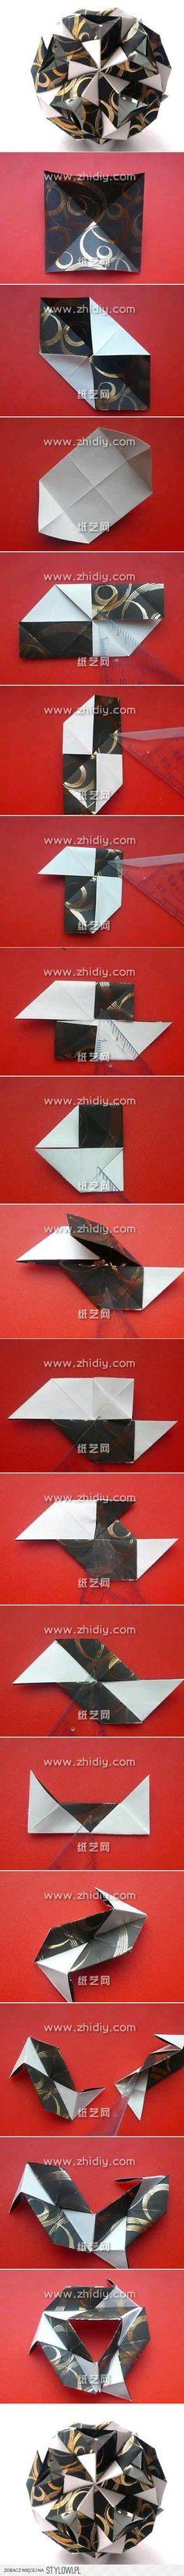 Kusudama Origami Folding Instructions Lantern   Origami ... The Stylowi.pl